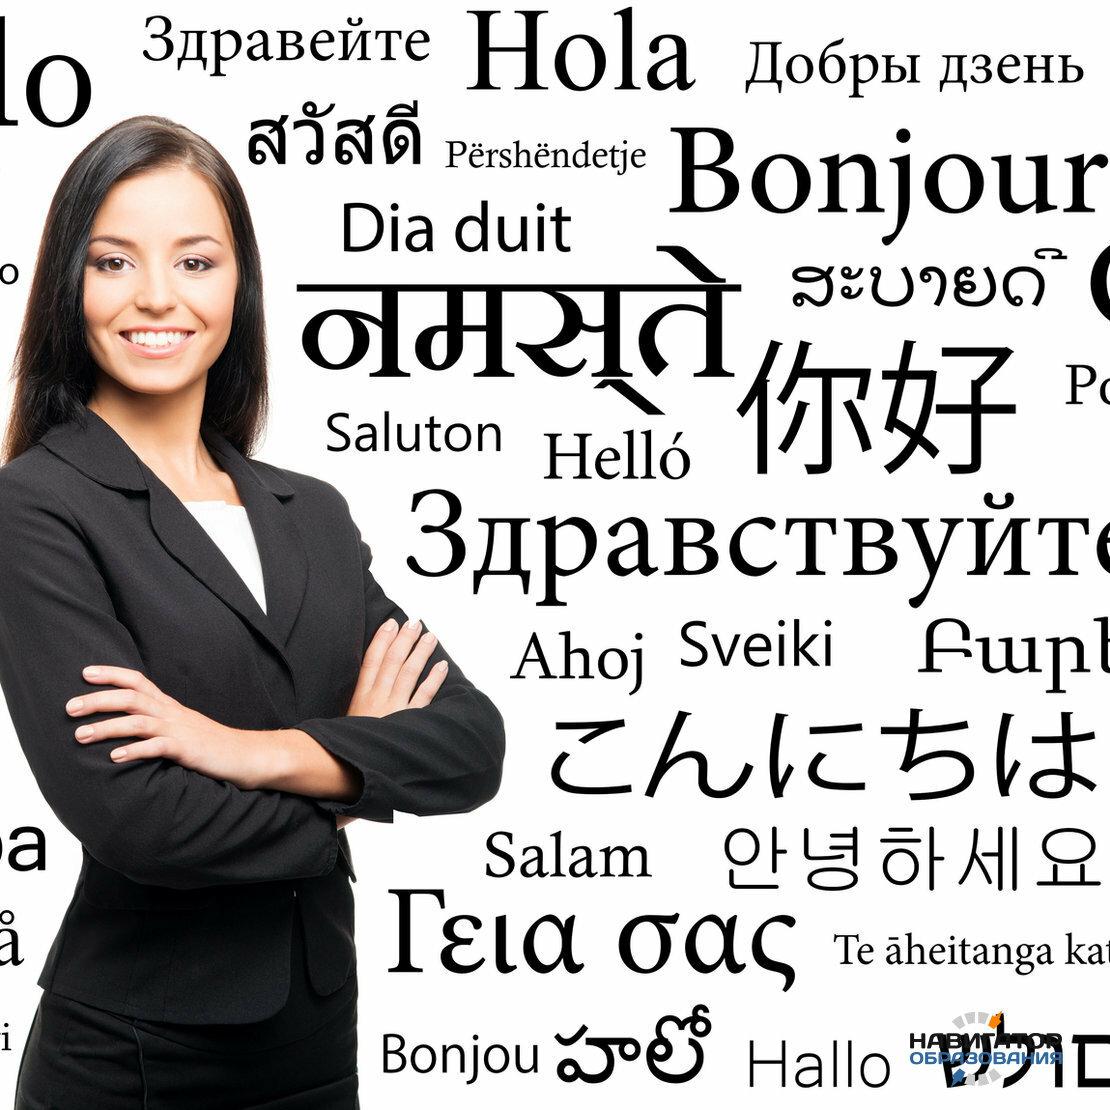 Фриланс английский переводы инвестиционный аналитик удаленная работа